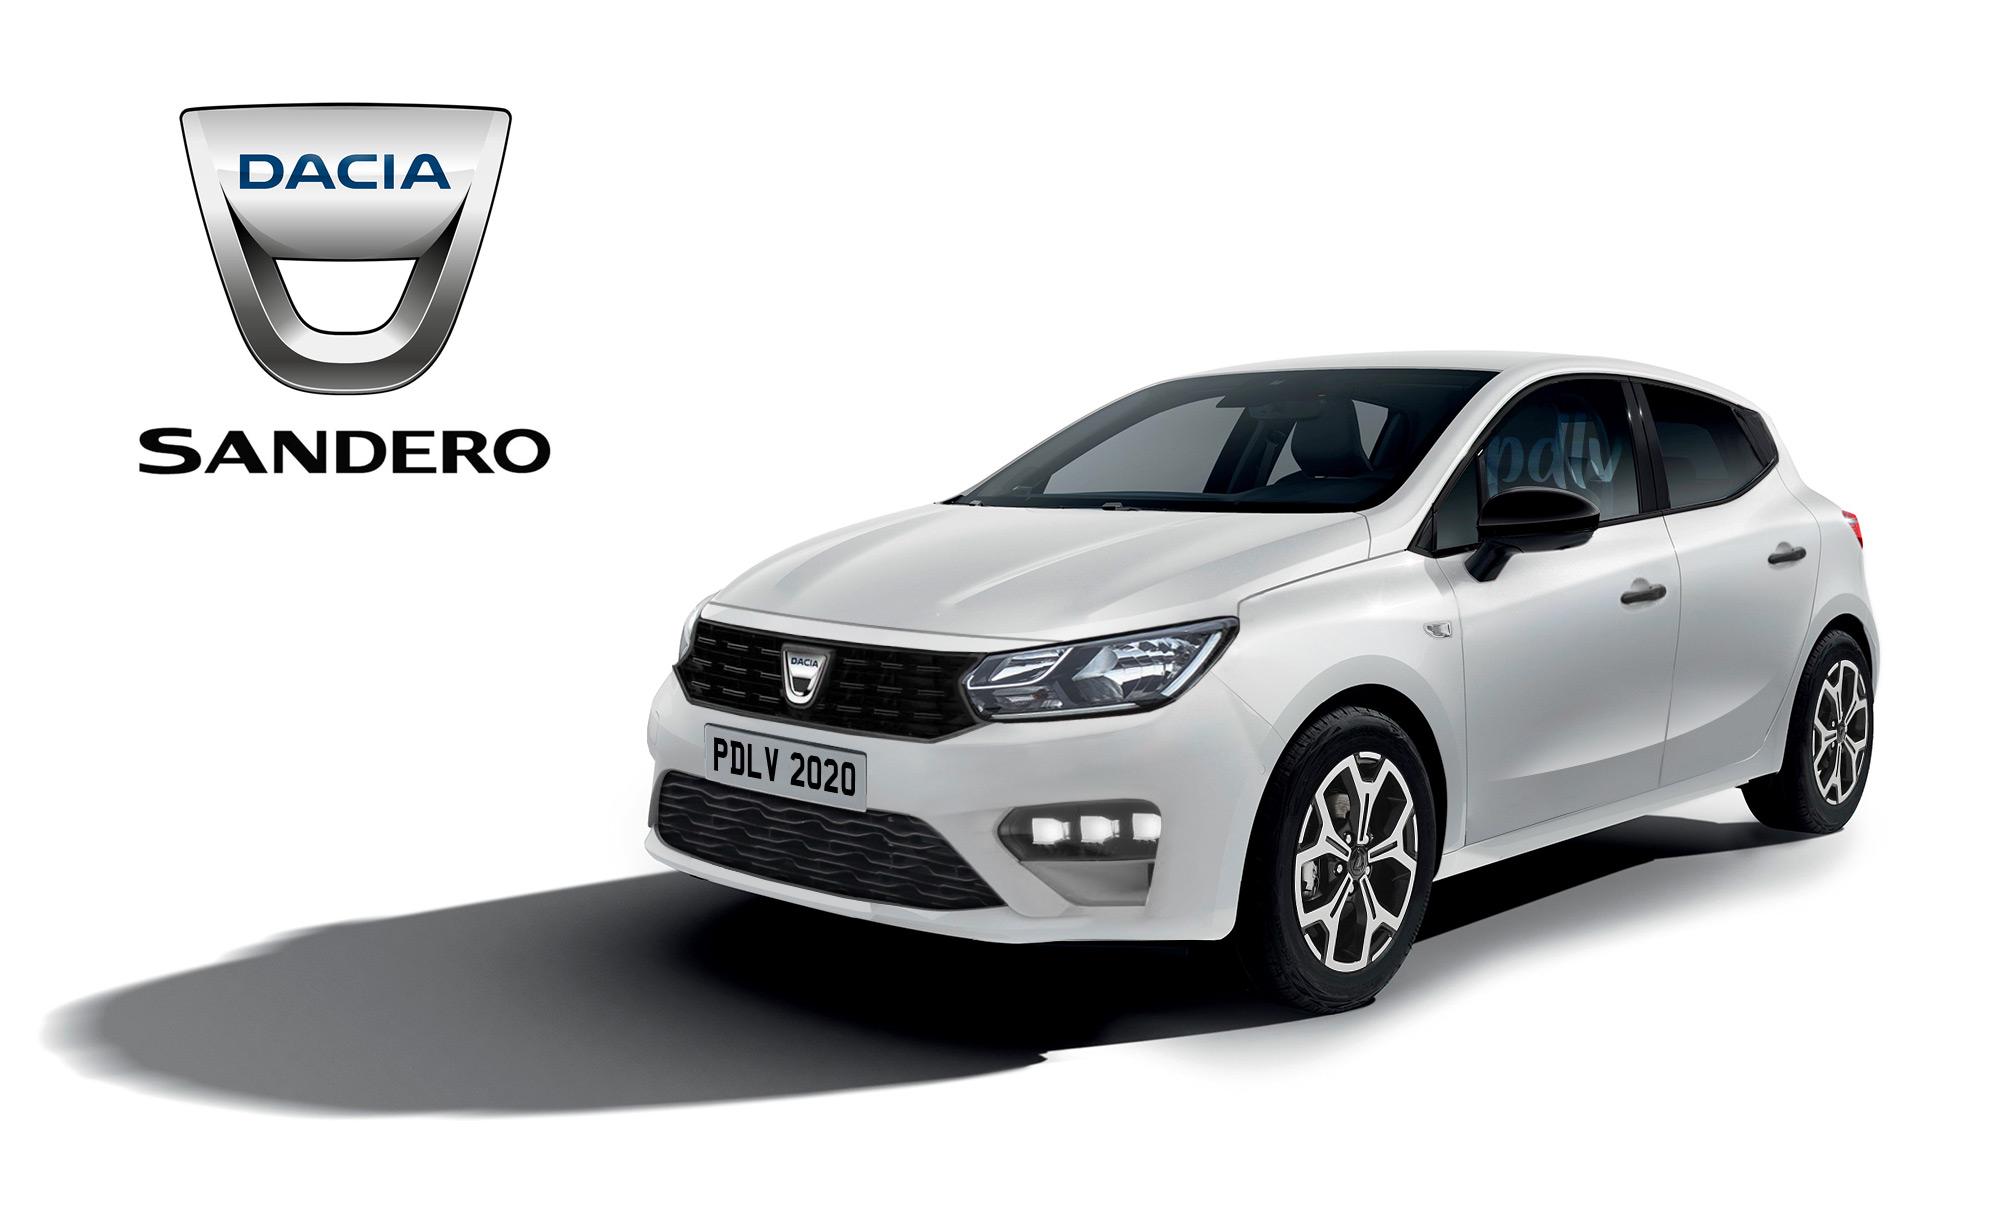 2020 Dacia Sandero 3